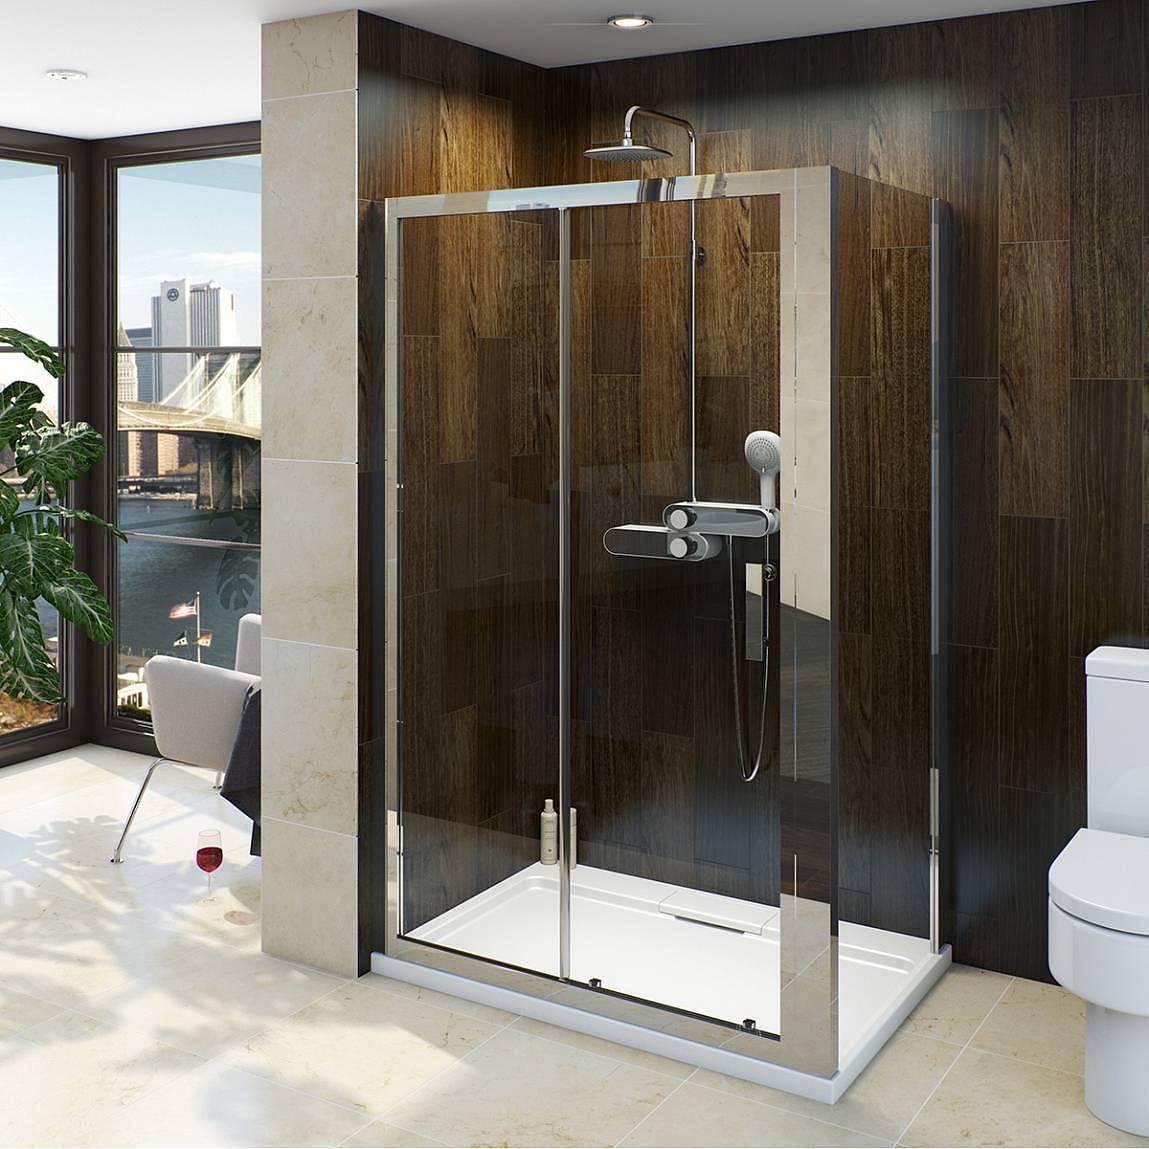 Image of V8 Framed Sliding Shower Enclosure 1400 x 1000